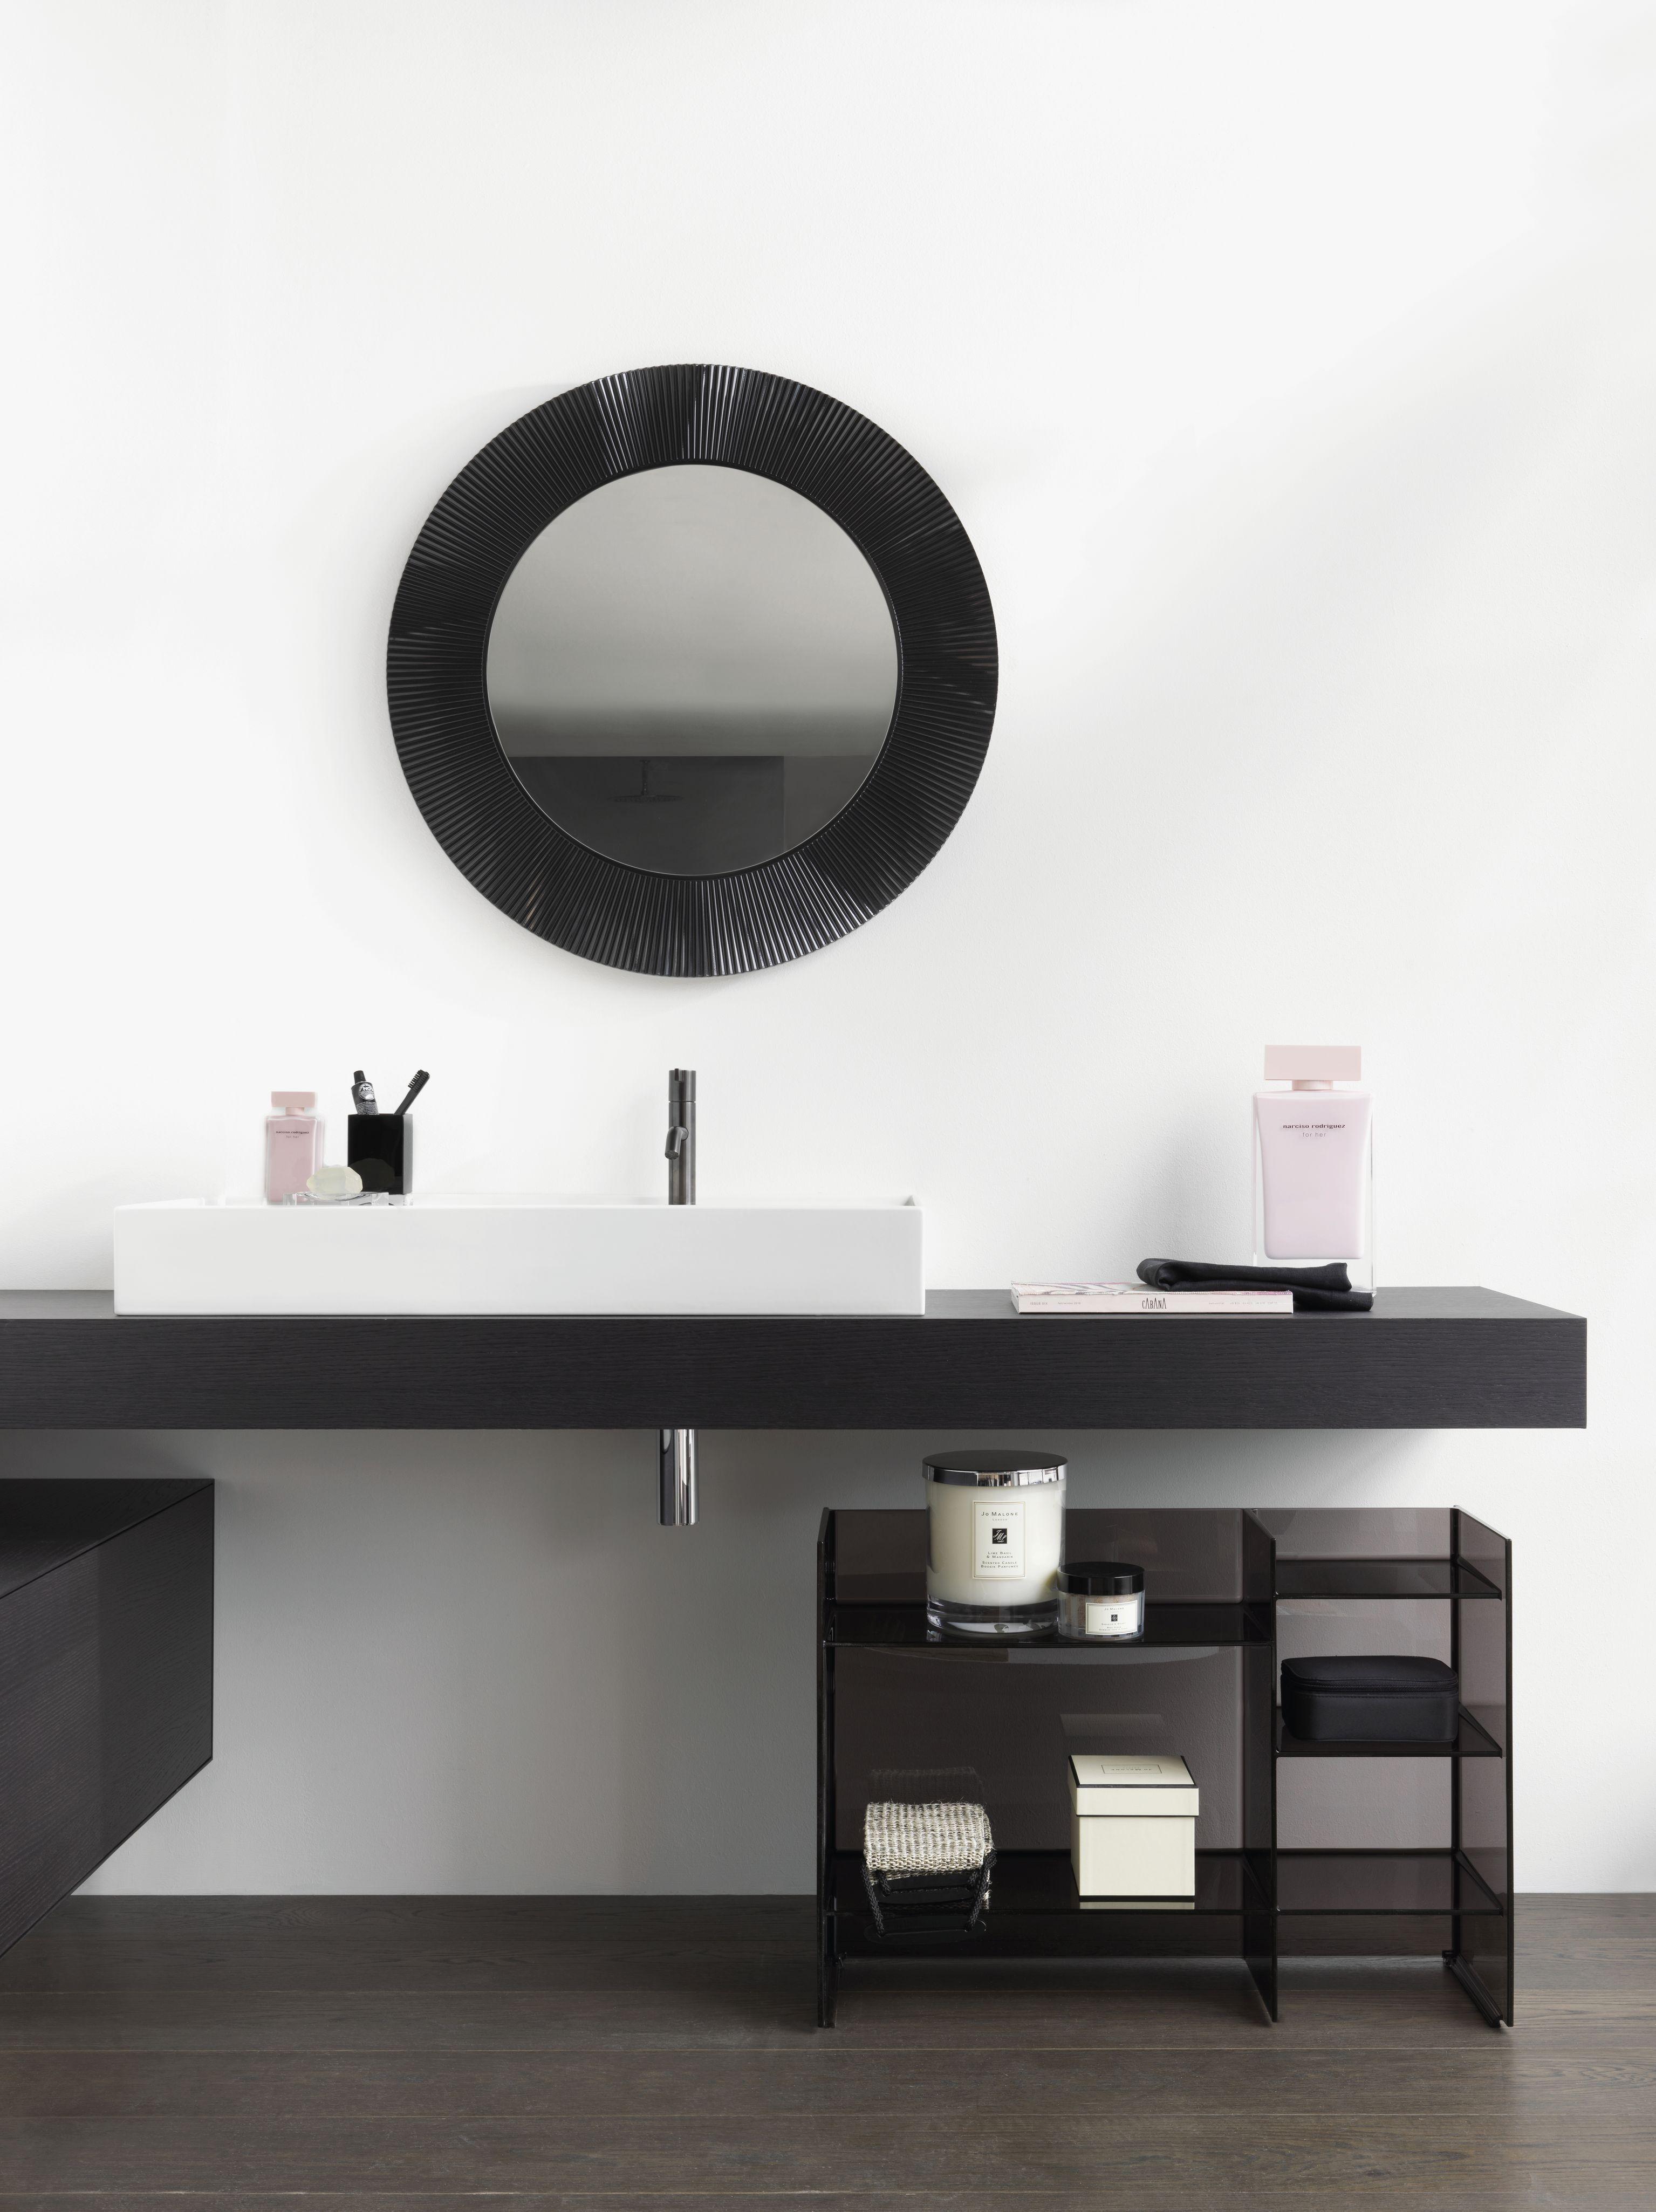 Finde Jetzt Dein Traumbad Wertvolle Tipps Von Der Planung Bis Zur Umsetzung Wohnen Waschbecken Design Und Badezimmer